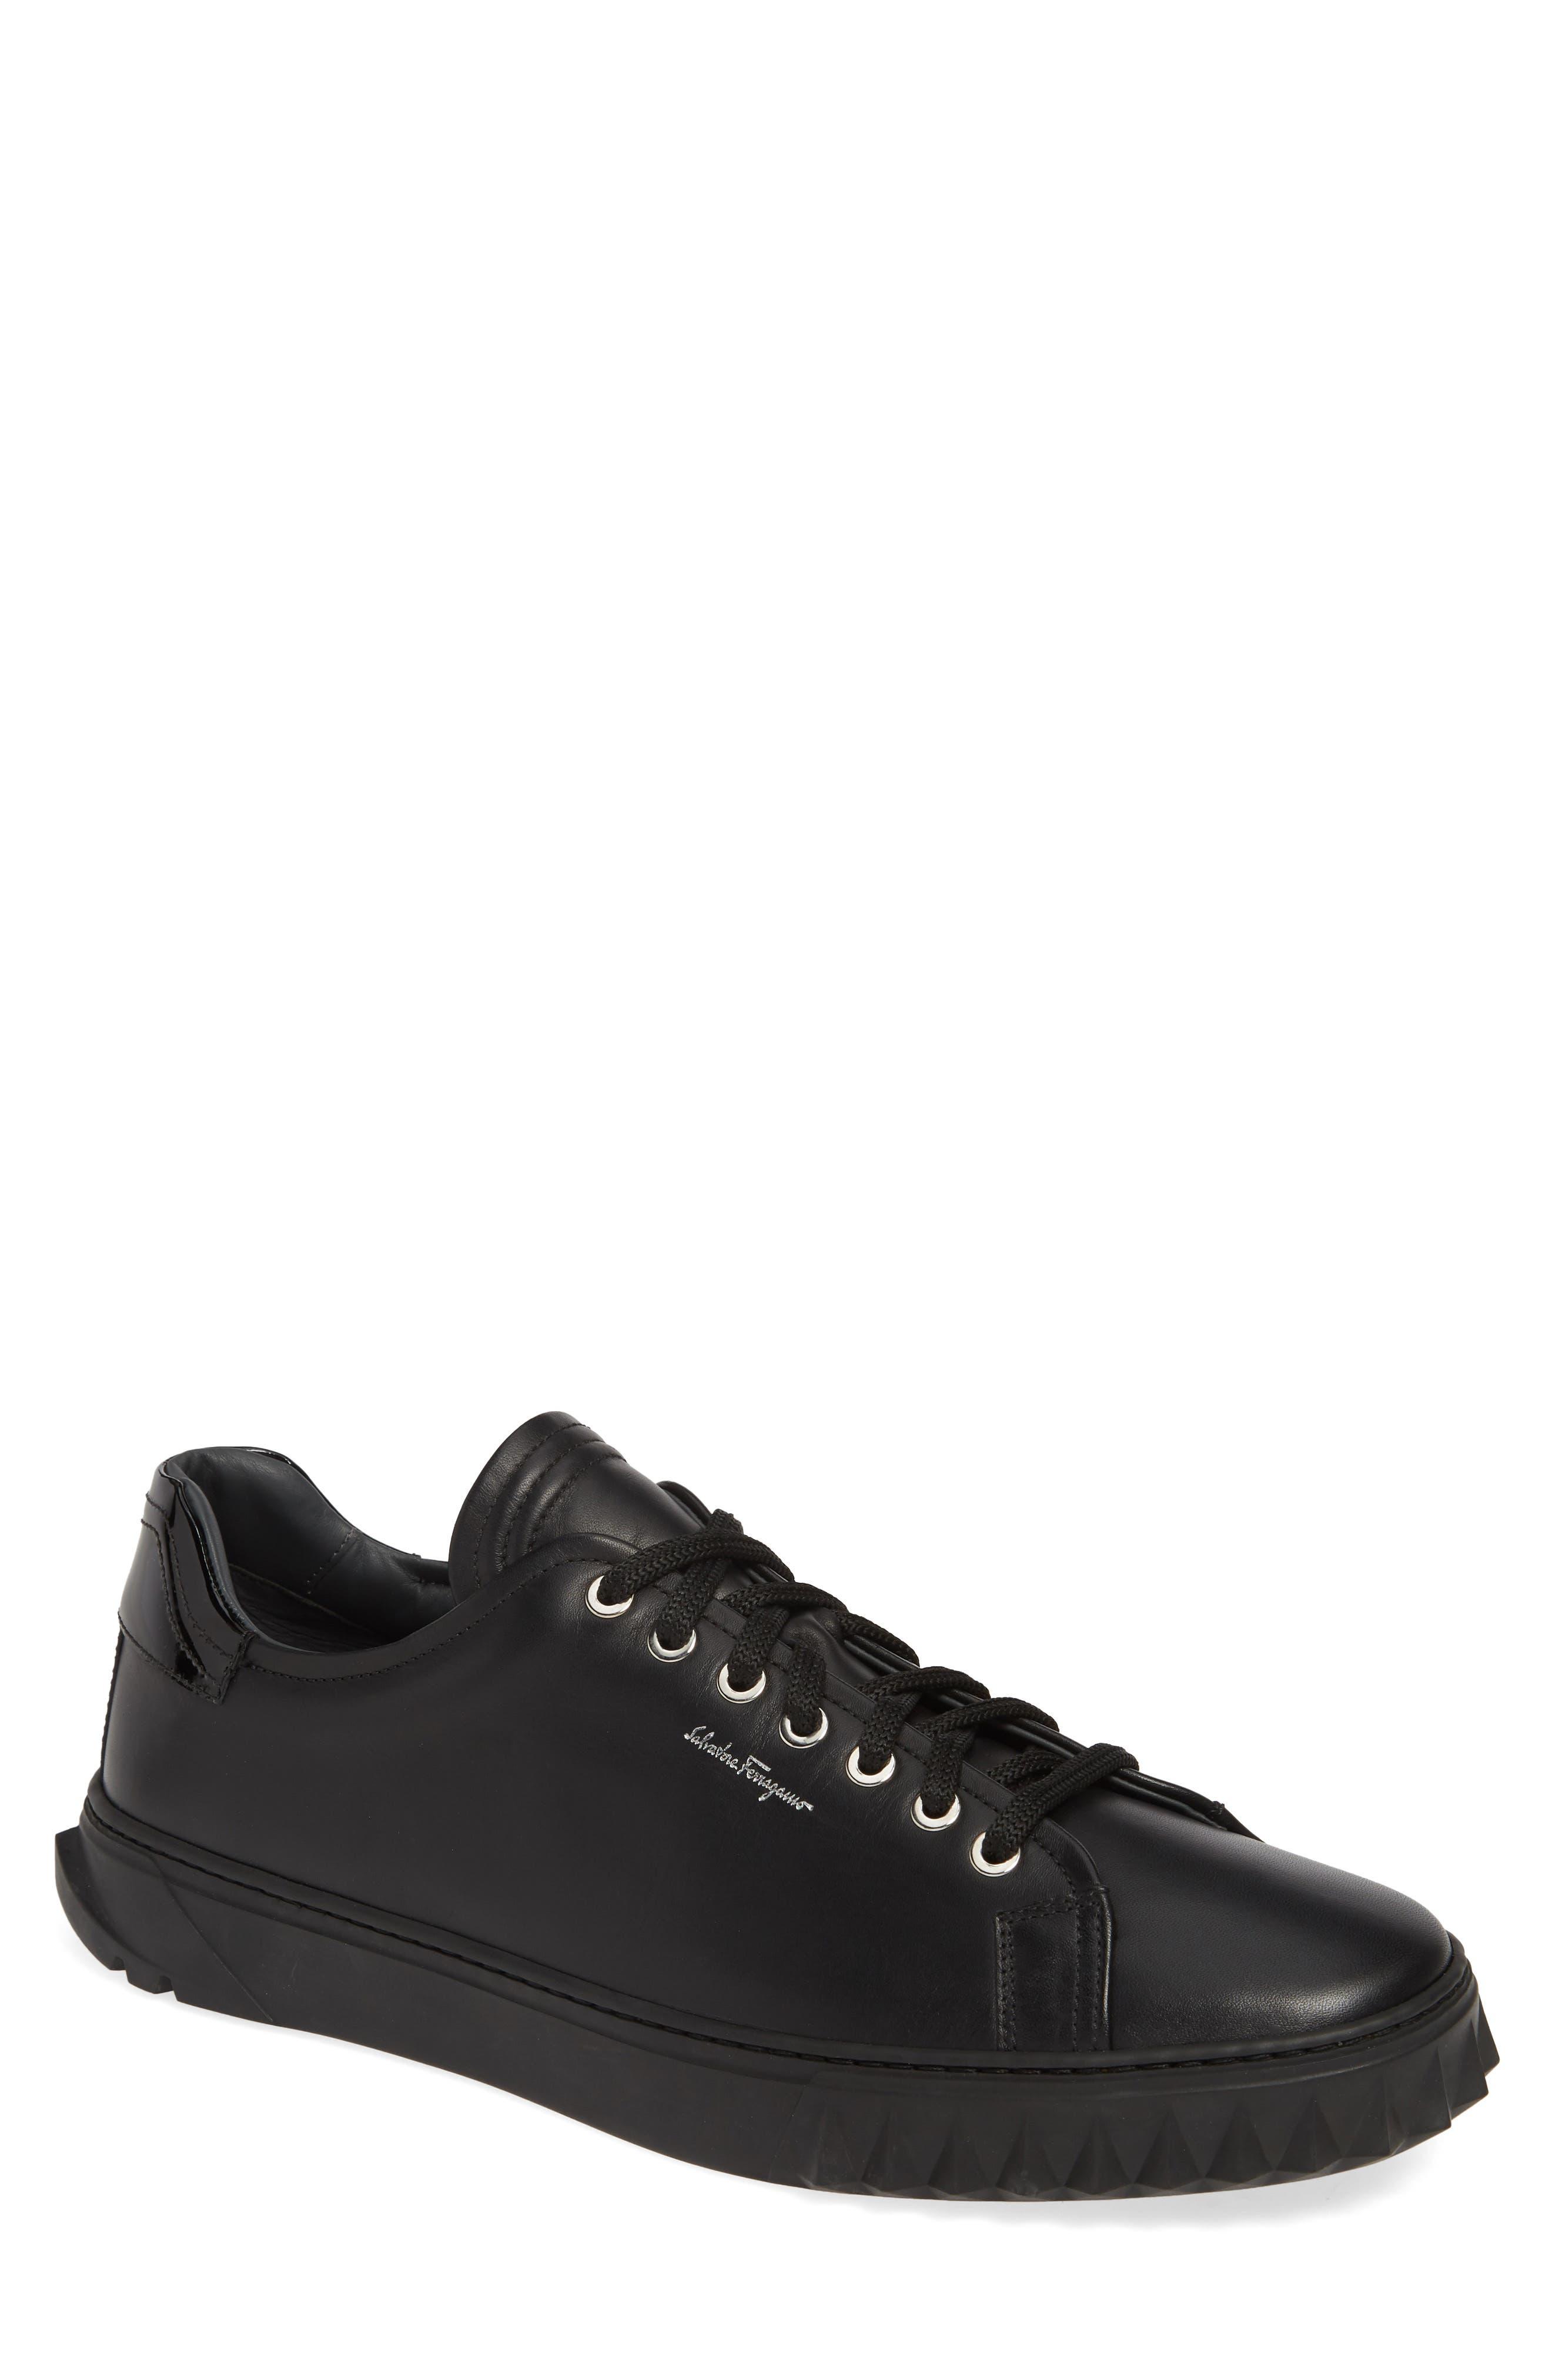 SALVATORE FERRAGAMO Cube Sneaker, Main, color, NERO/BLACK